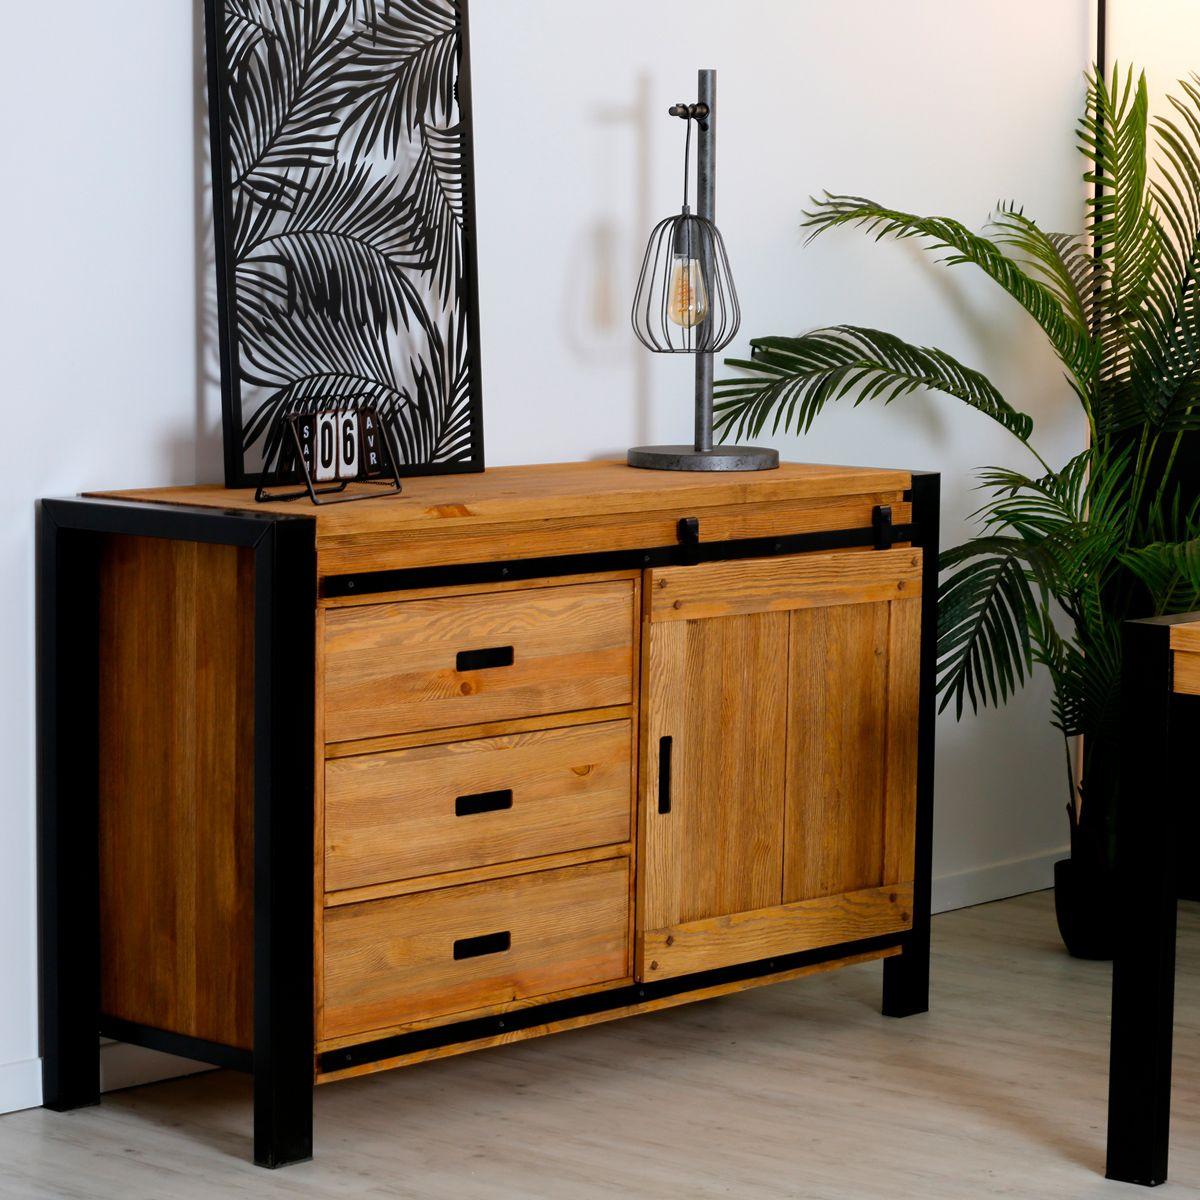 Bar Table Chock Tables De Repas Alinea Bar Multifonction Dimensions Du Produit Longueur 150 Cm Haut Mobilier De Salon Meuble Bar Cdiscount Meuble